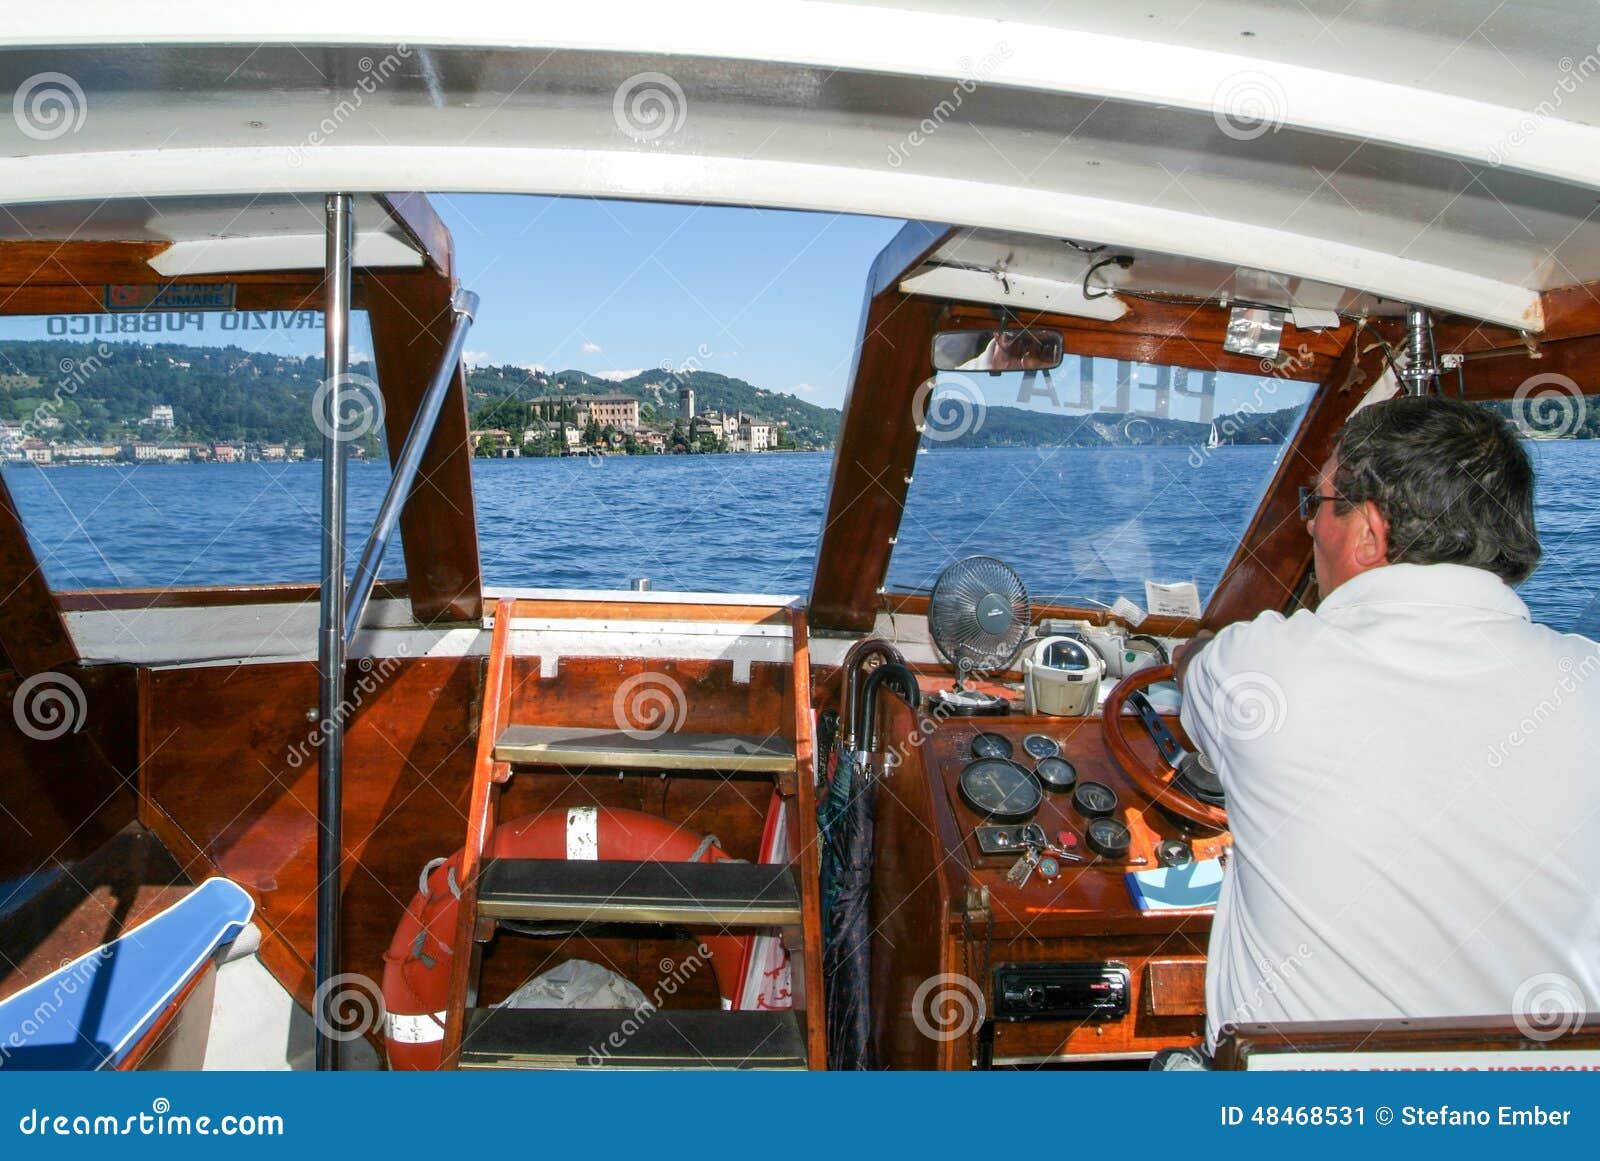 captain conduire un bateau devant l 39 le de san giulio photo ditorial image 48468531. Black Bedroom Furniture Sets. Home Design Ideas